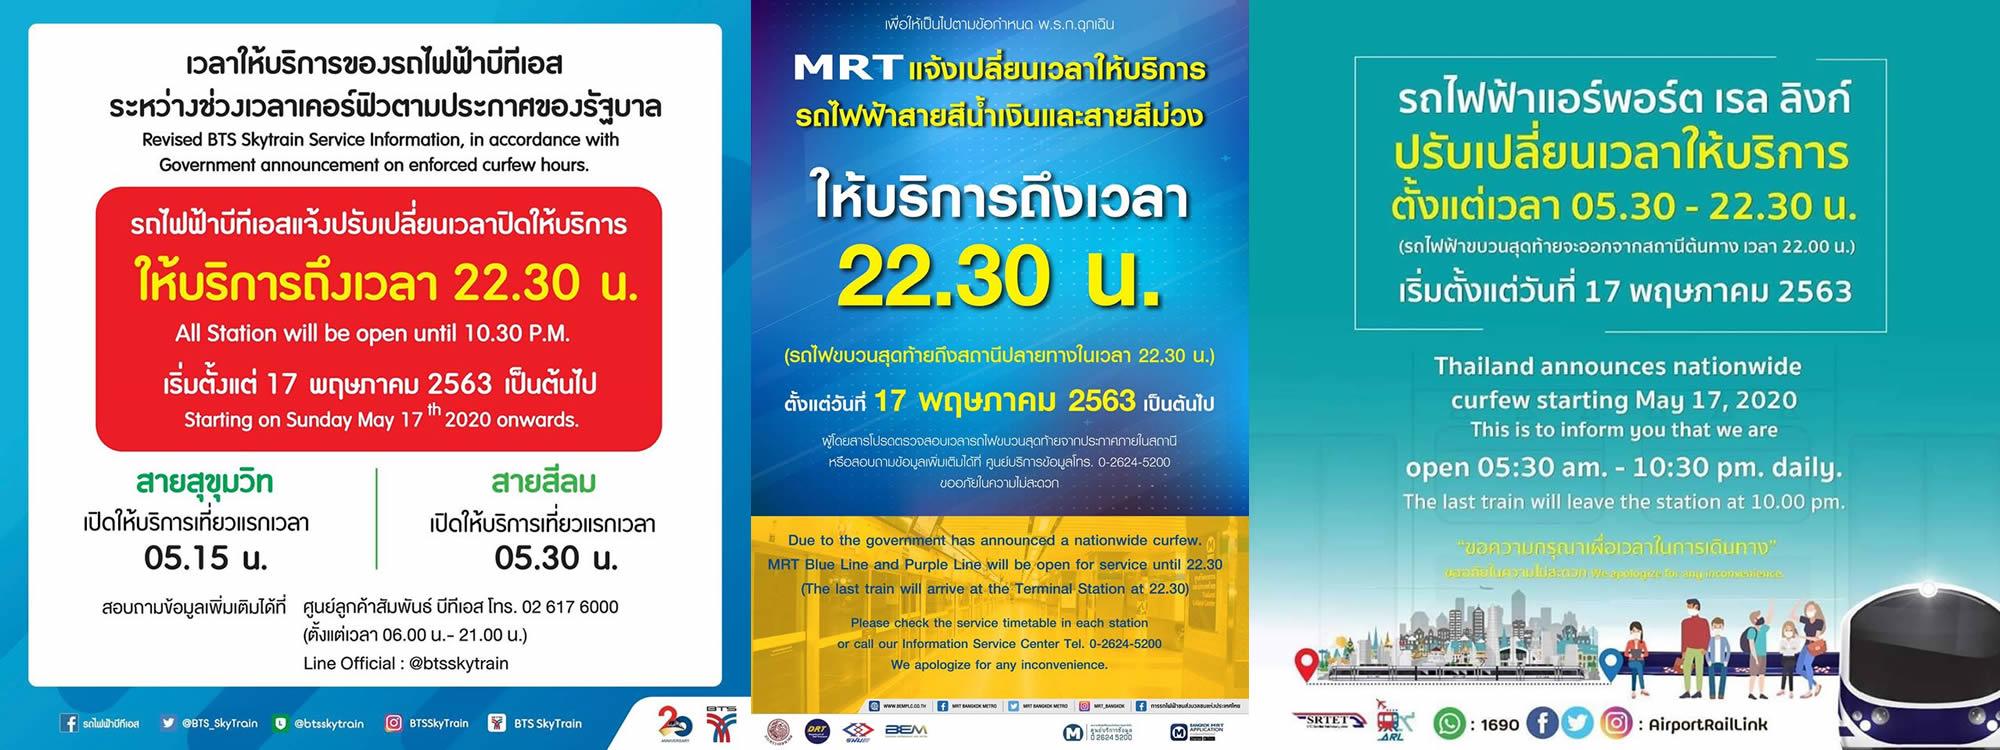 バンコク都市鉄道、終電時間を延長~夜間外出禁止時間の短縮で